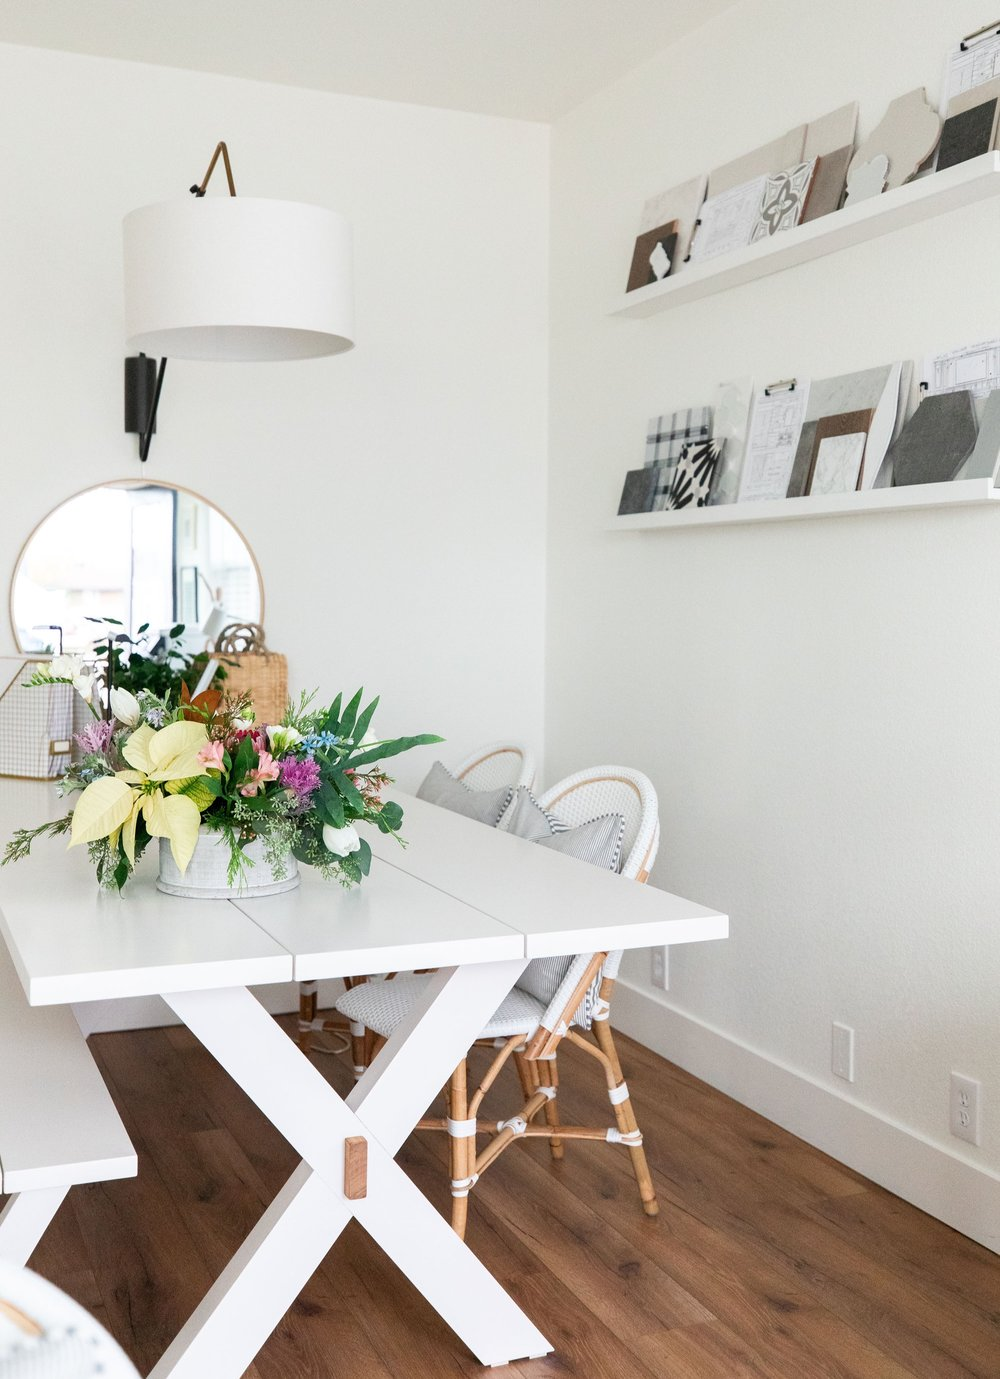 Tami+Faulkner+Design%2C+Interior+Design%2C+Rocklin+CA